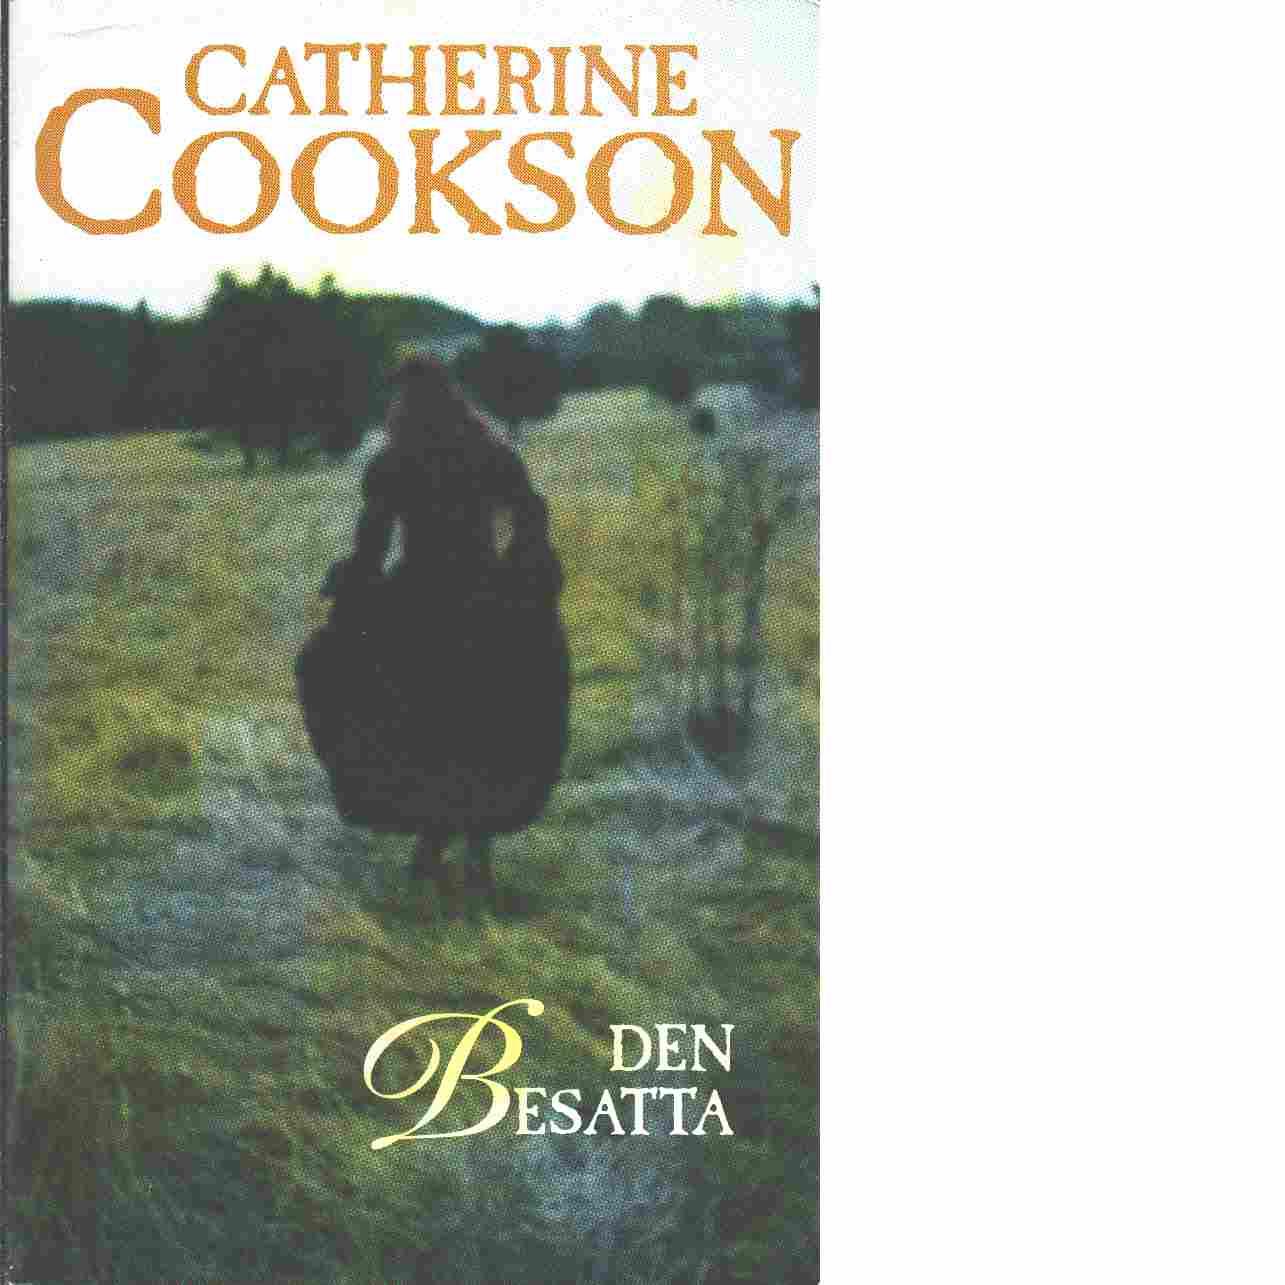 Den besatta - Cookson, Catherine